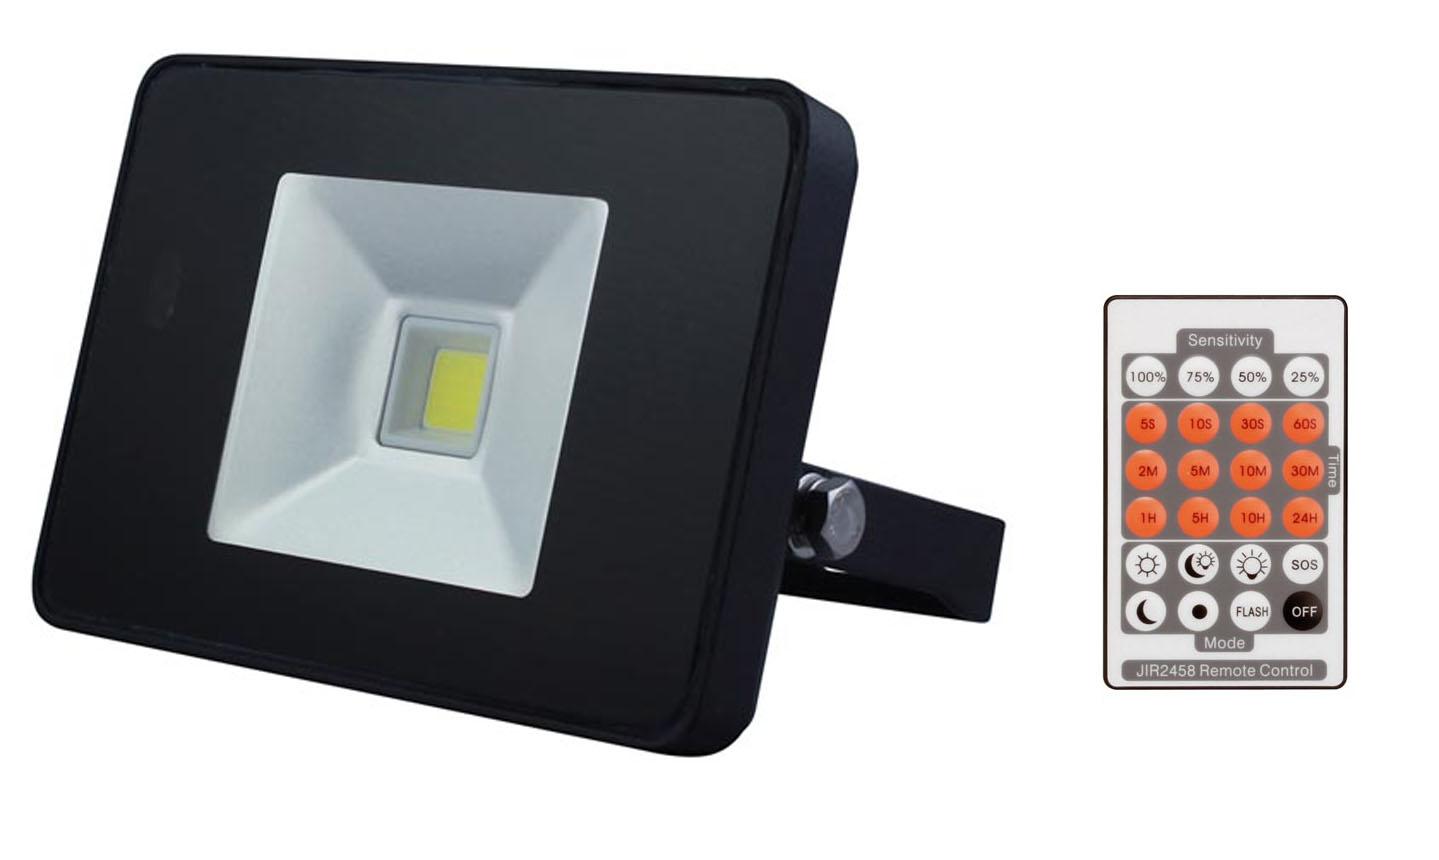 Projecteur led ultraplat avec detecteur et telecommande for Telecommande eclairage exterieur